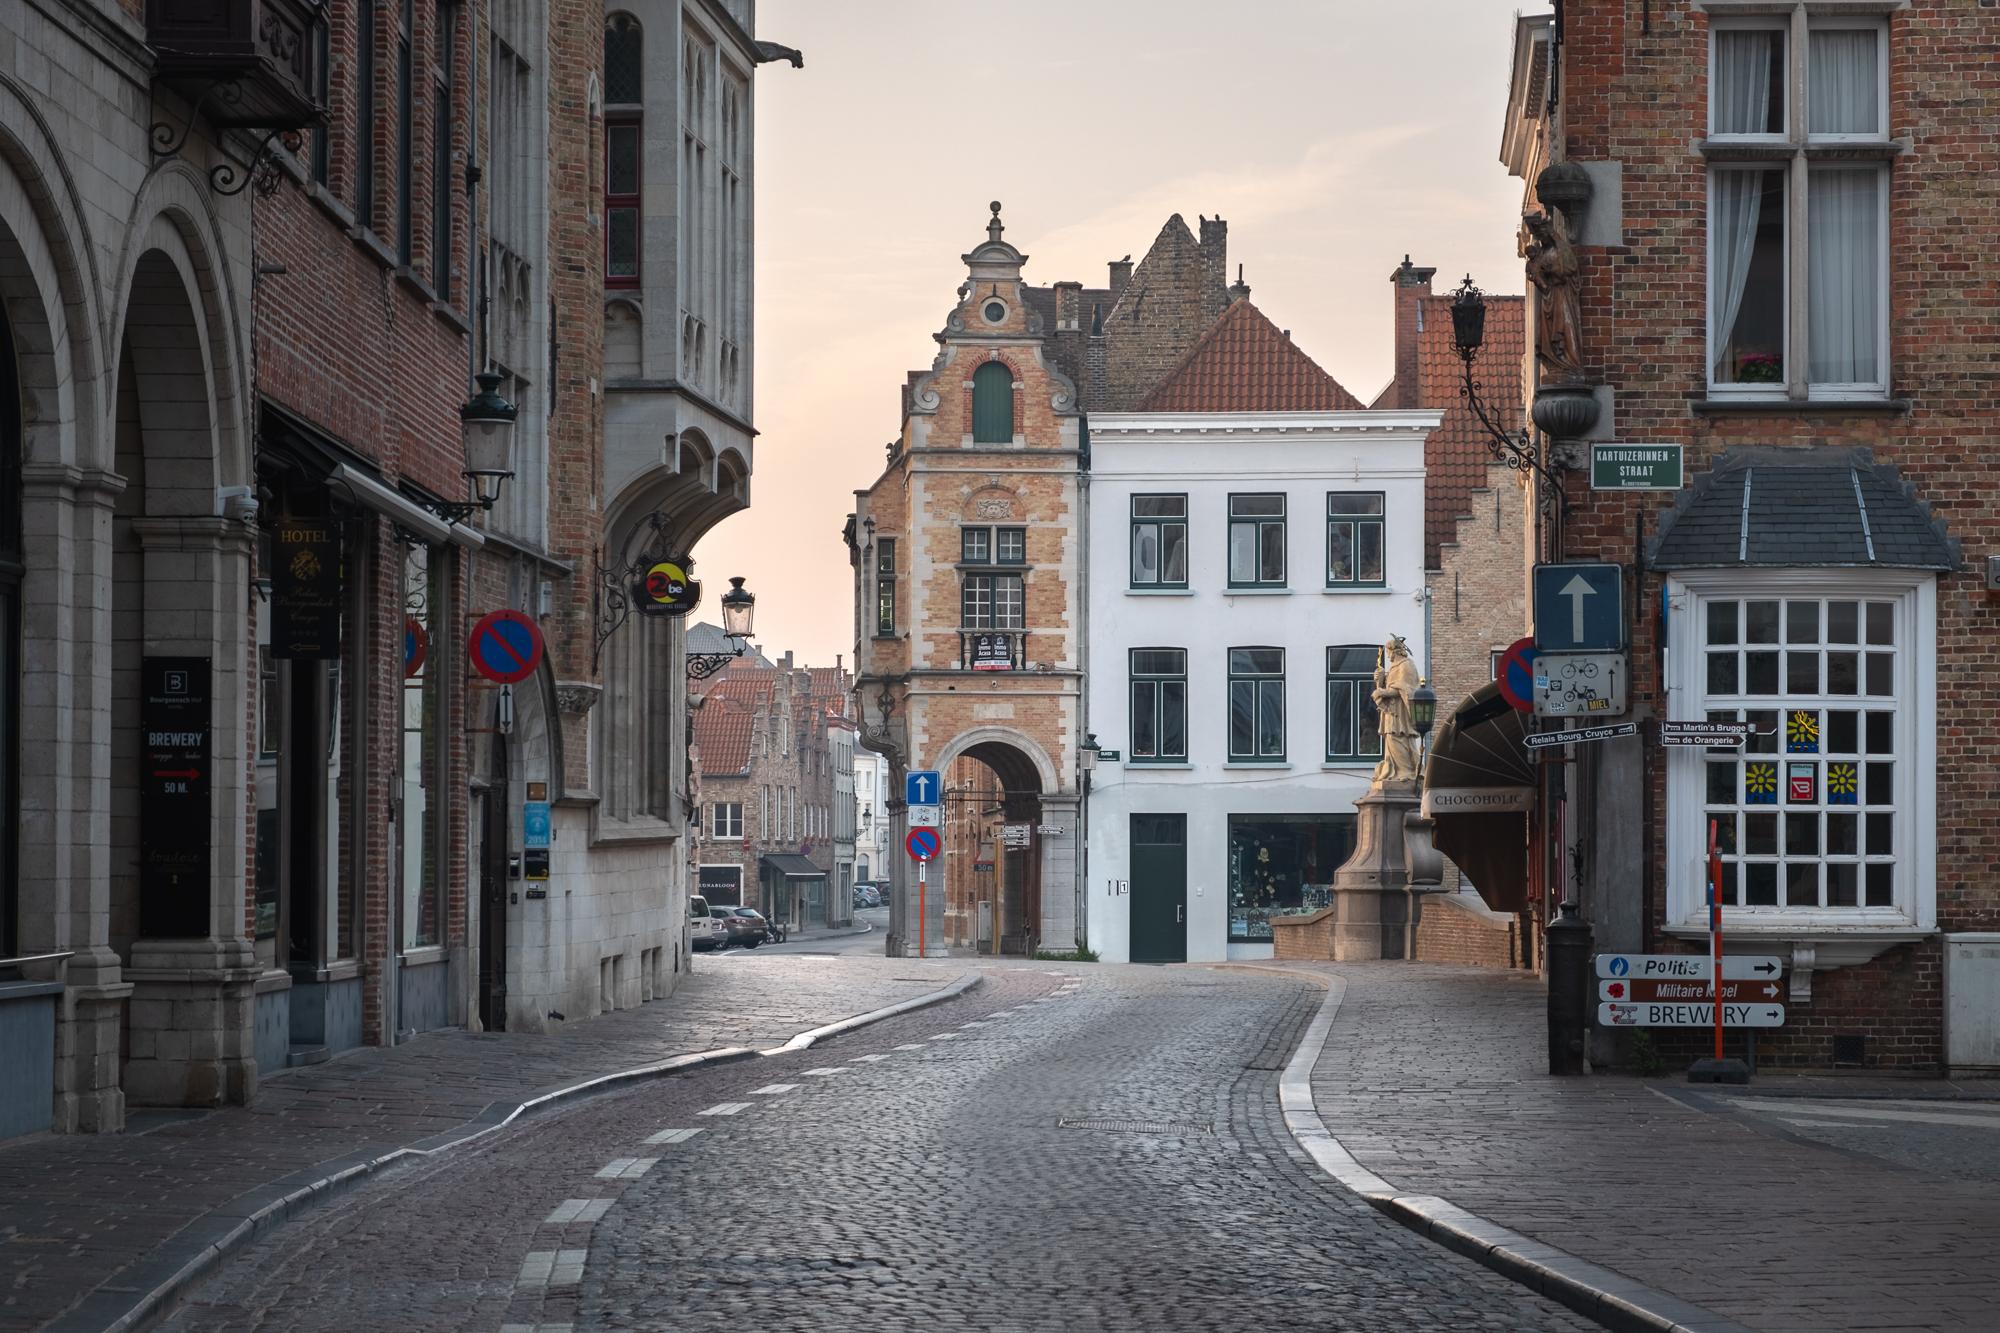 180722 - Bruges - Sunrise -  Wollestraat 001.jpg